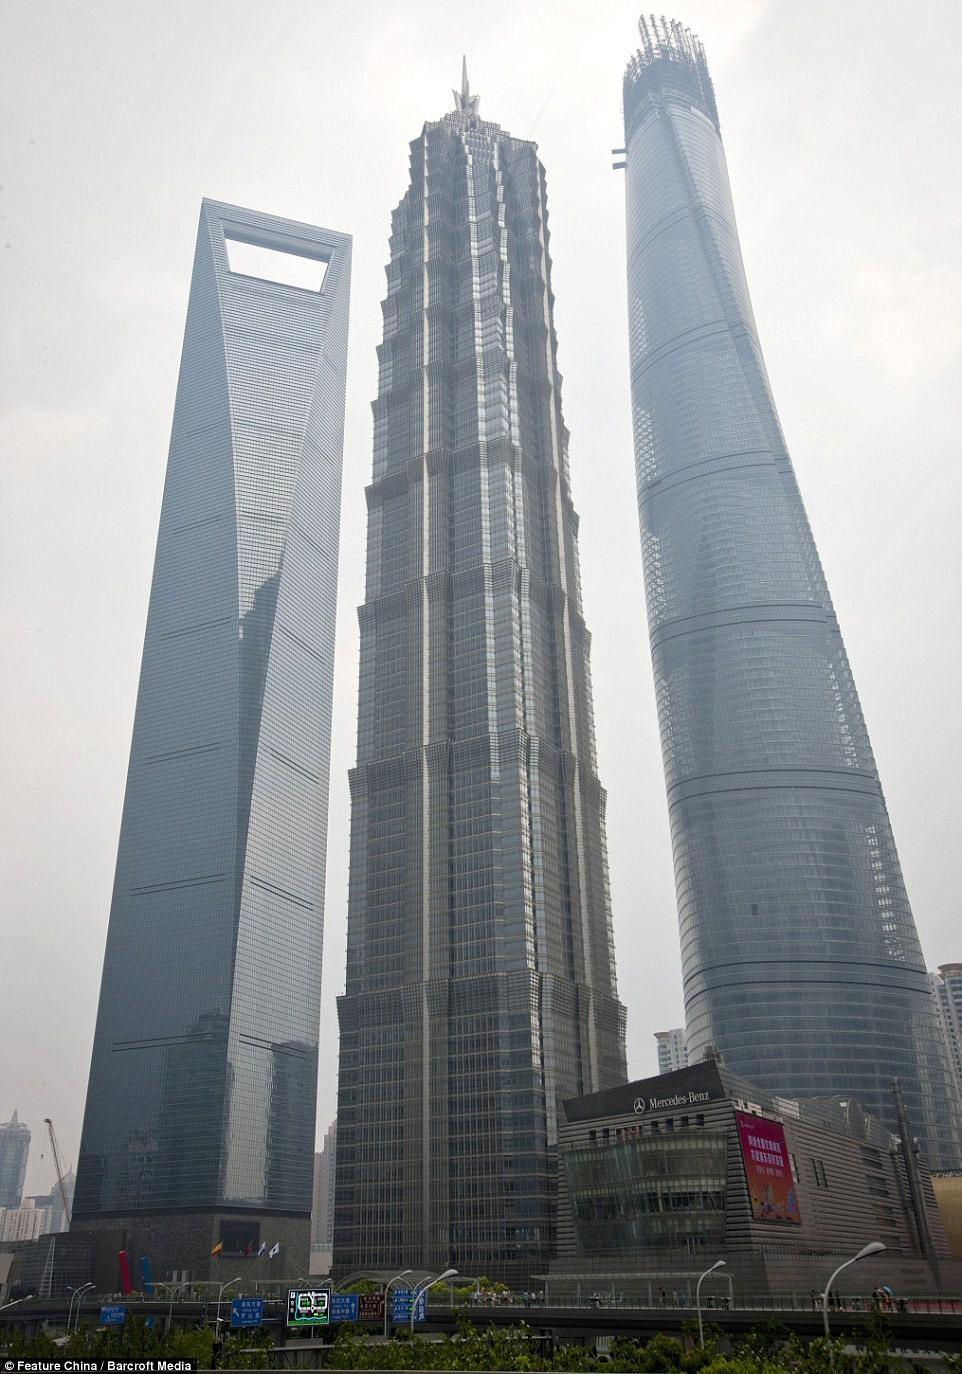 دومین برج بزرگ دنیا در کجاست+تصاویر!